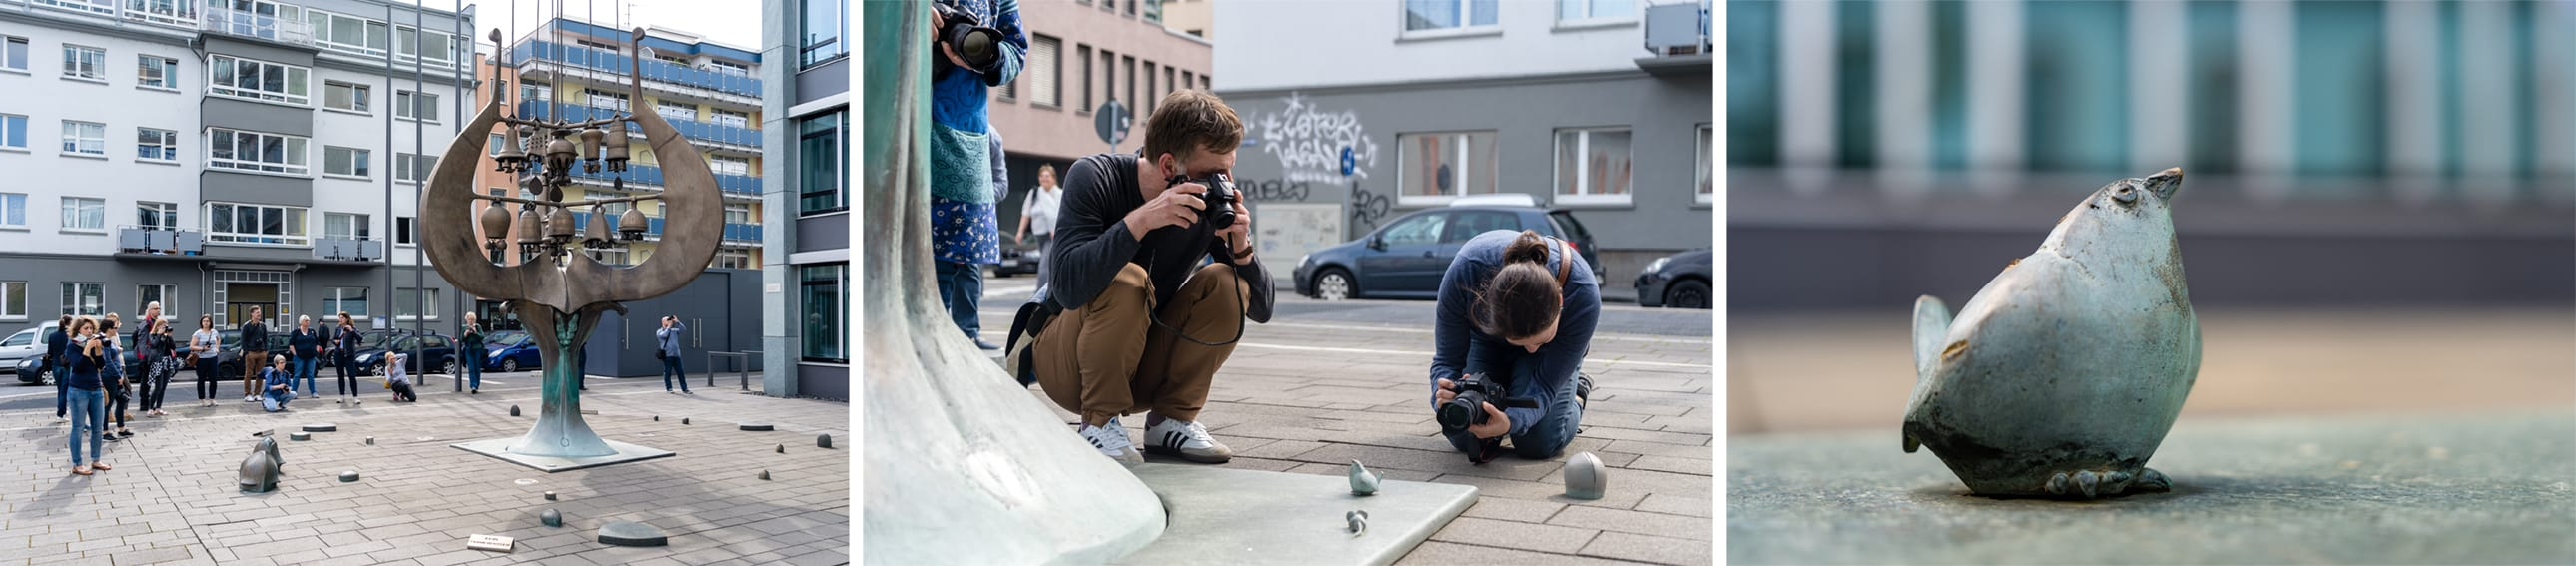 querformat-fotografie - Achim Katzberg - Besondere Zeiten - besondere Aktivitäten - 2018-04-14_Best_of_Mainz_Photowalk_002_von_050